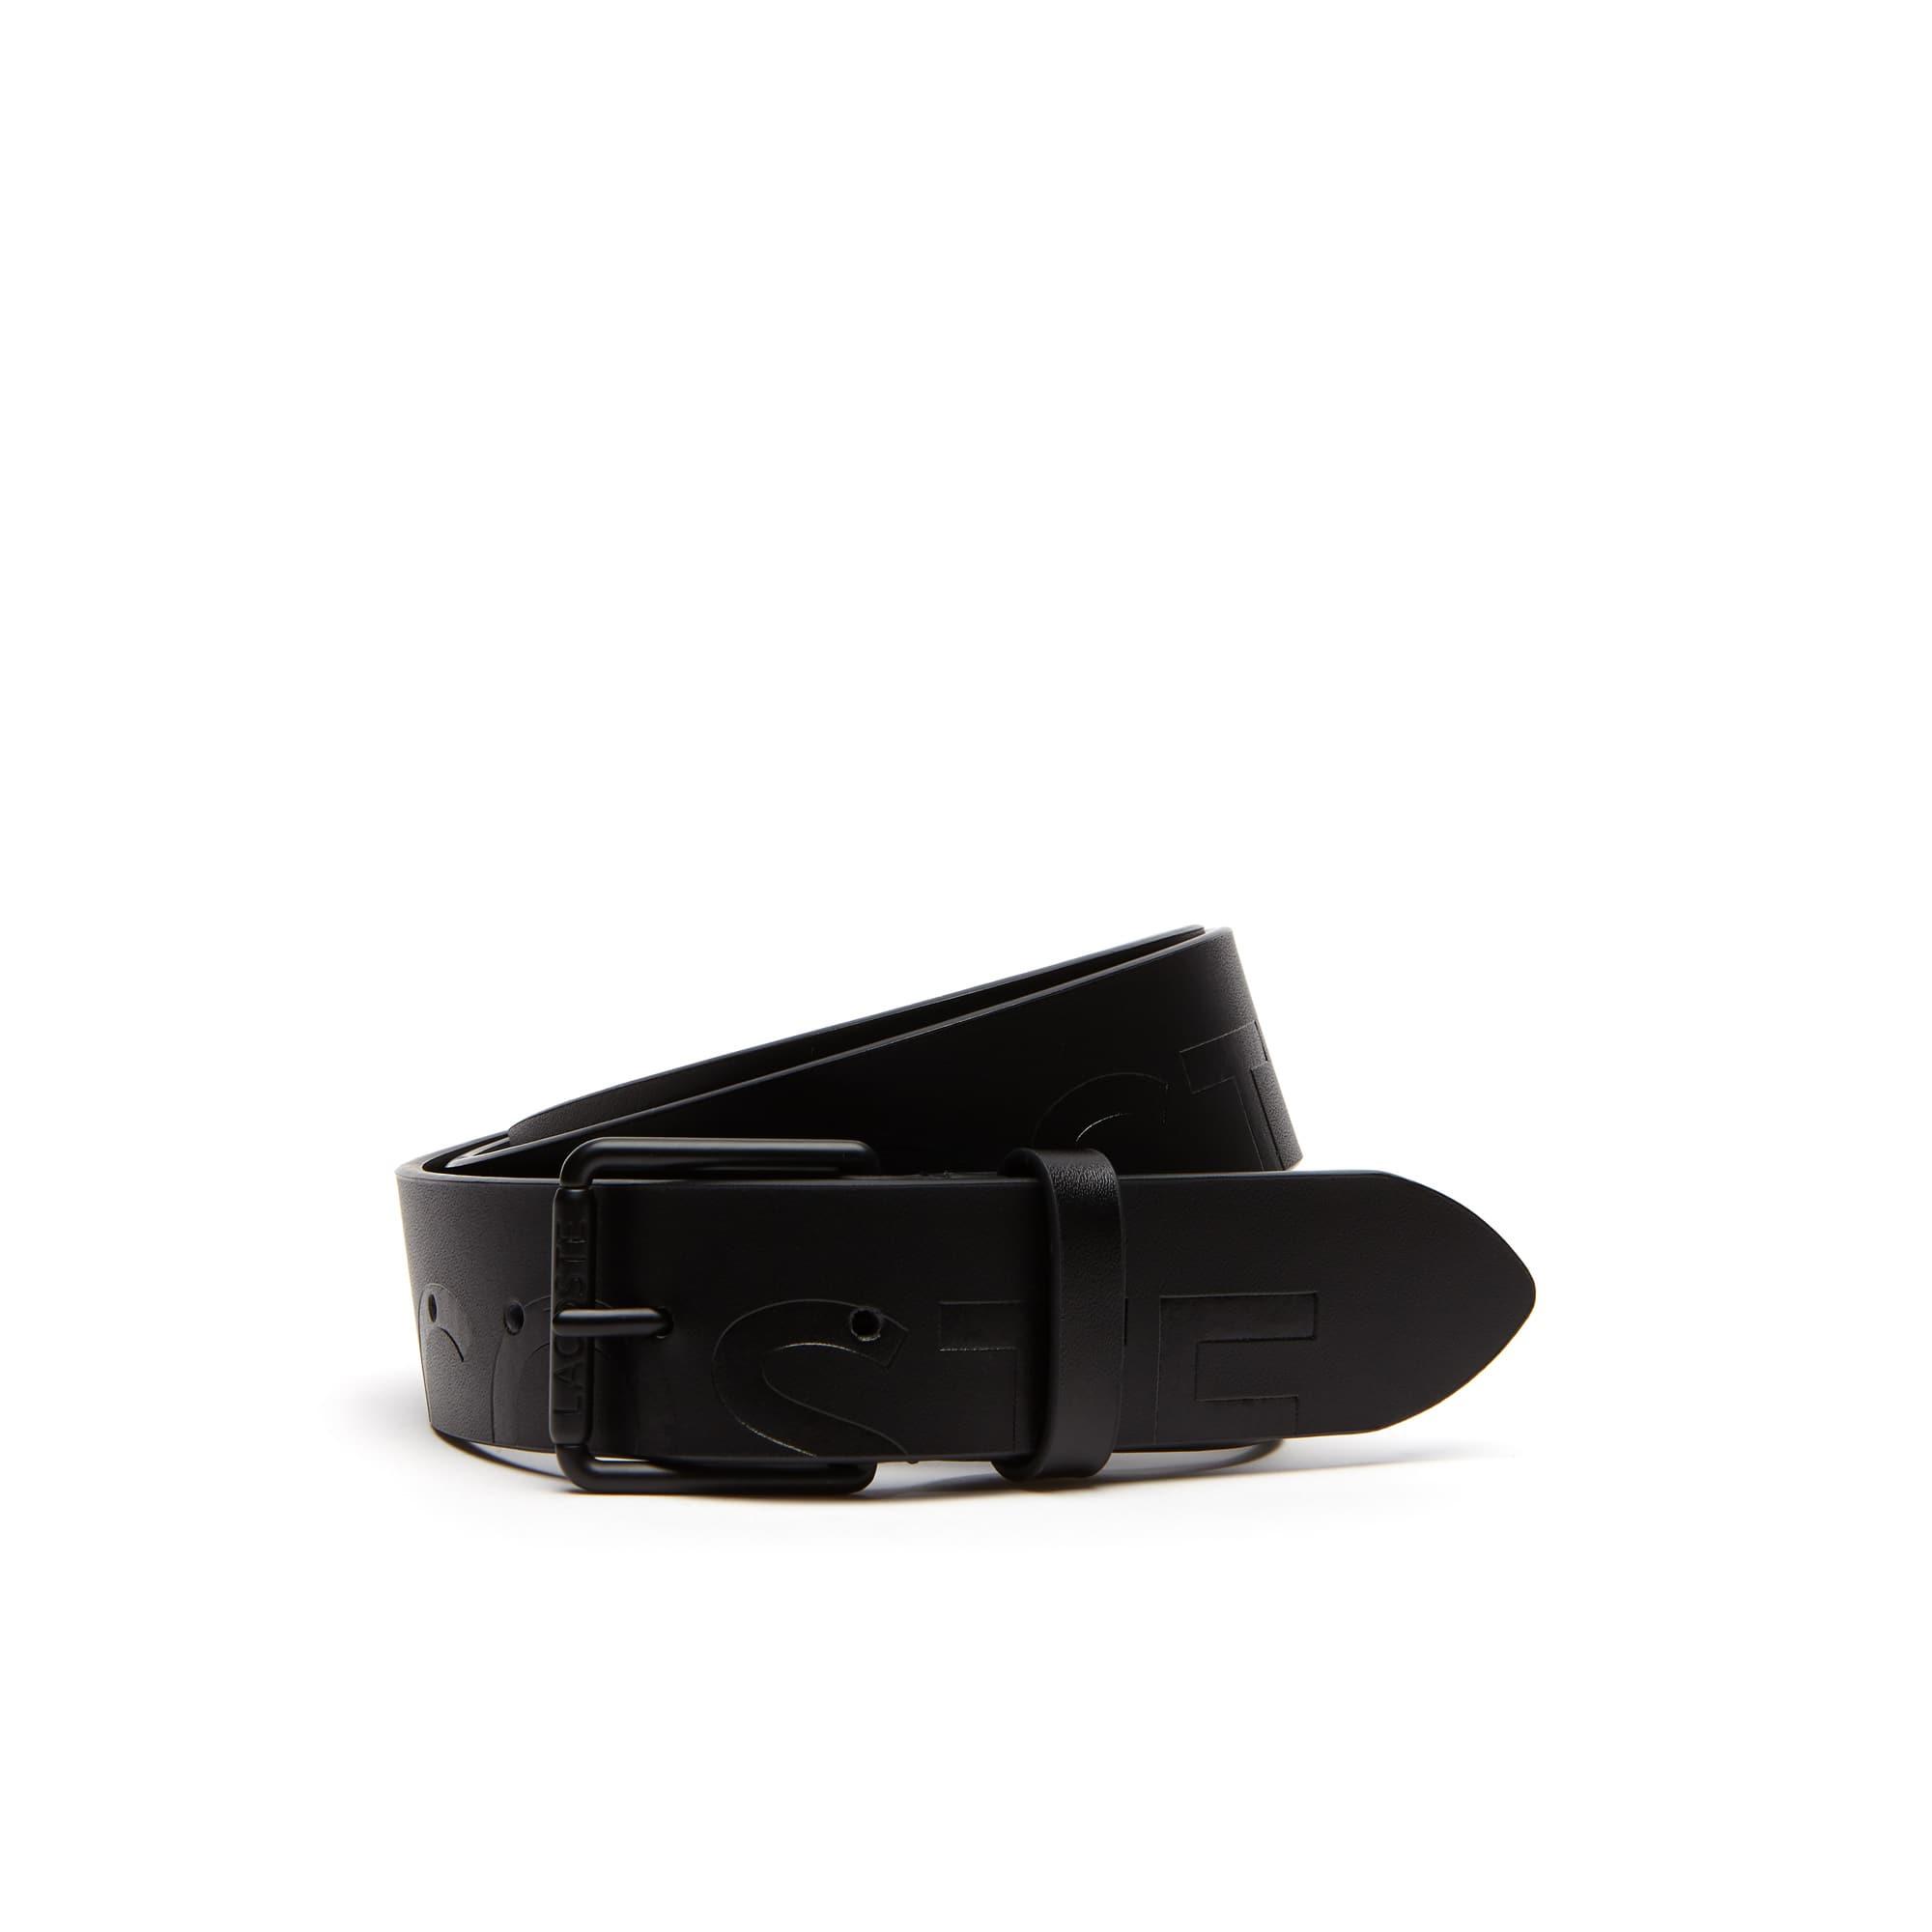 Cinturón de cuero con marcado Lacoste con hebilla de rodillo grabada